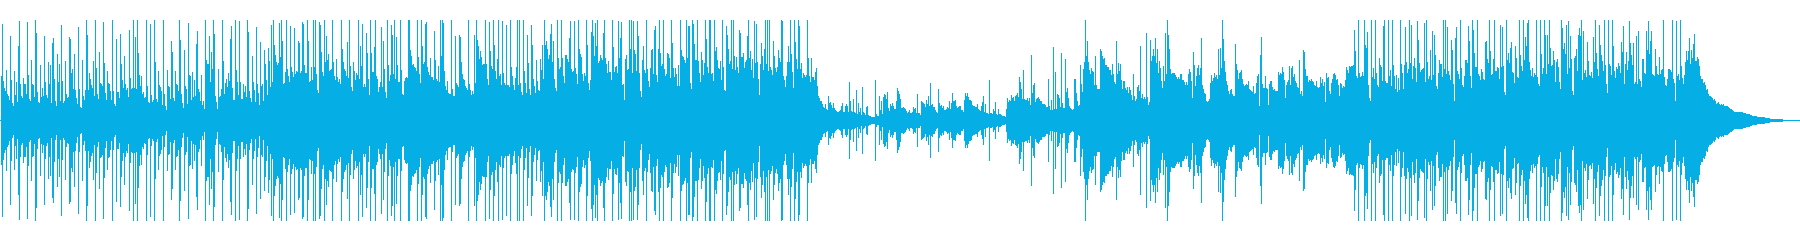 ピアノとドラムから始まるアコーステ...の再生済みの波形